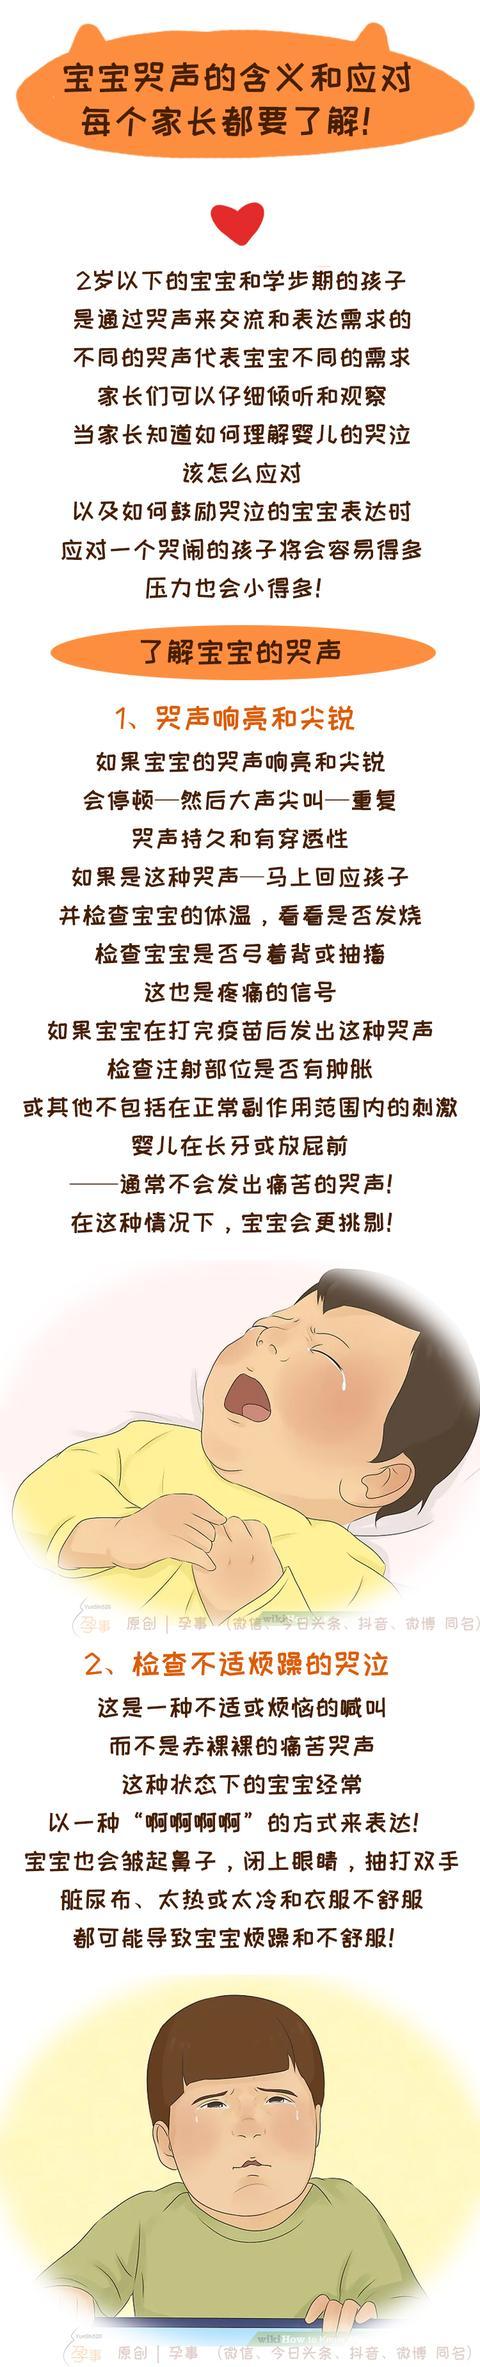 婴儿哭声,宝宝哭声的含义和应对方法,每个家长都要了解